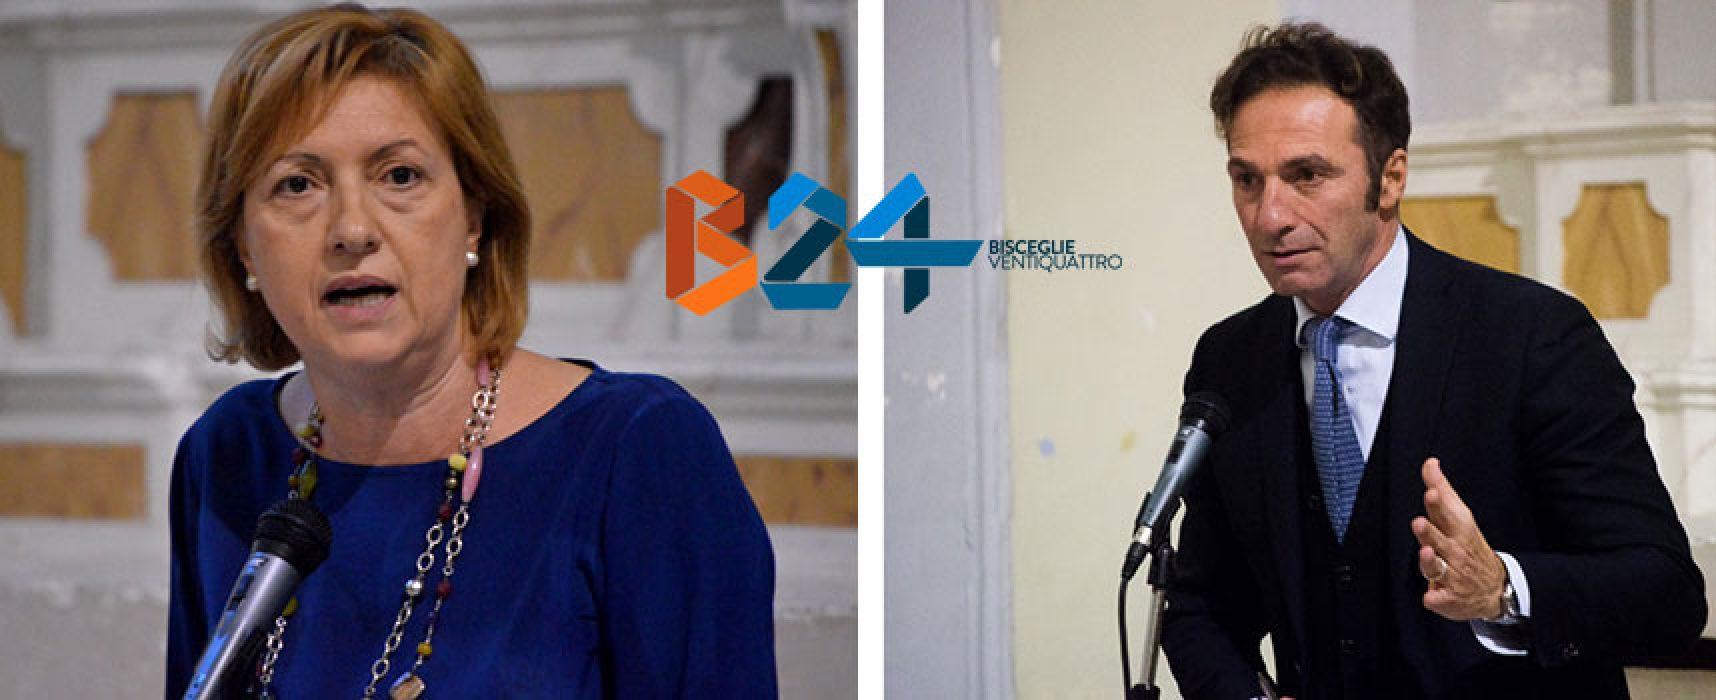 Emendamenti al bilancio 2017 presentati dai consiglieri di minoranza Gianni Casella e Tonia Spina